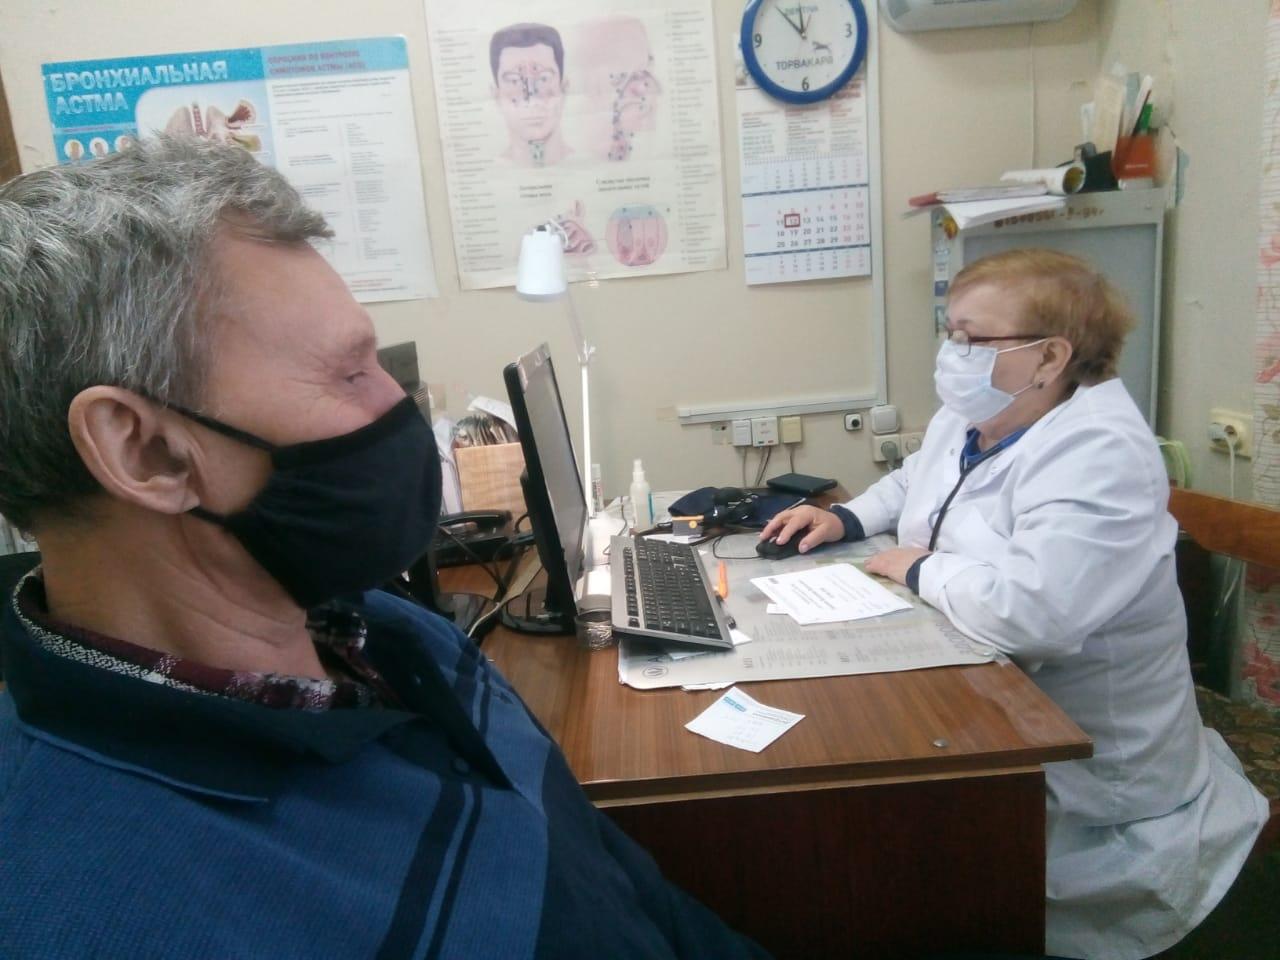 Задача врачей-пульмонологов — выявить причину кашля и назначить грамотное лечение